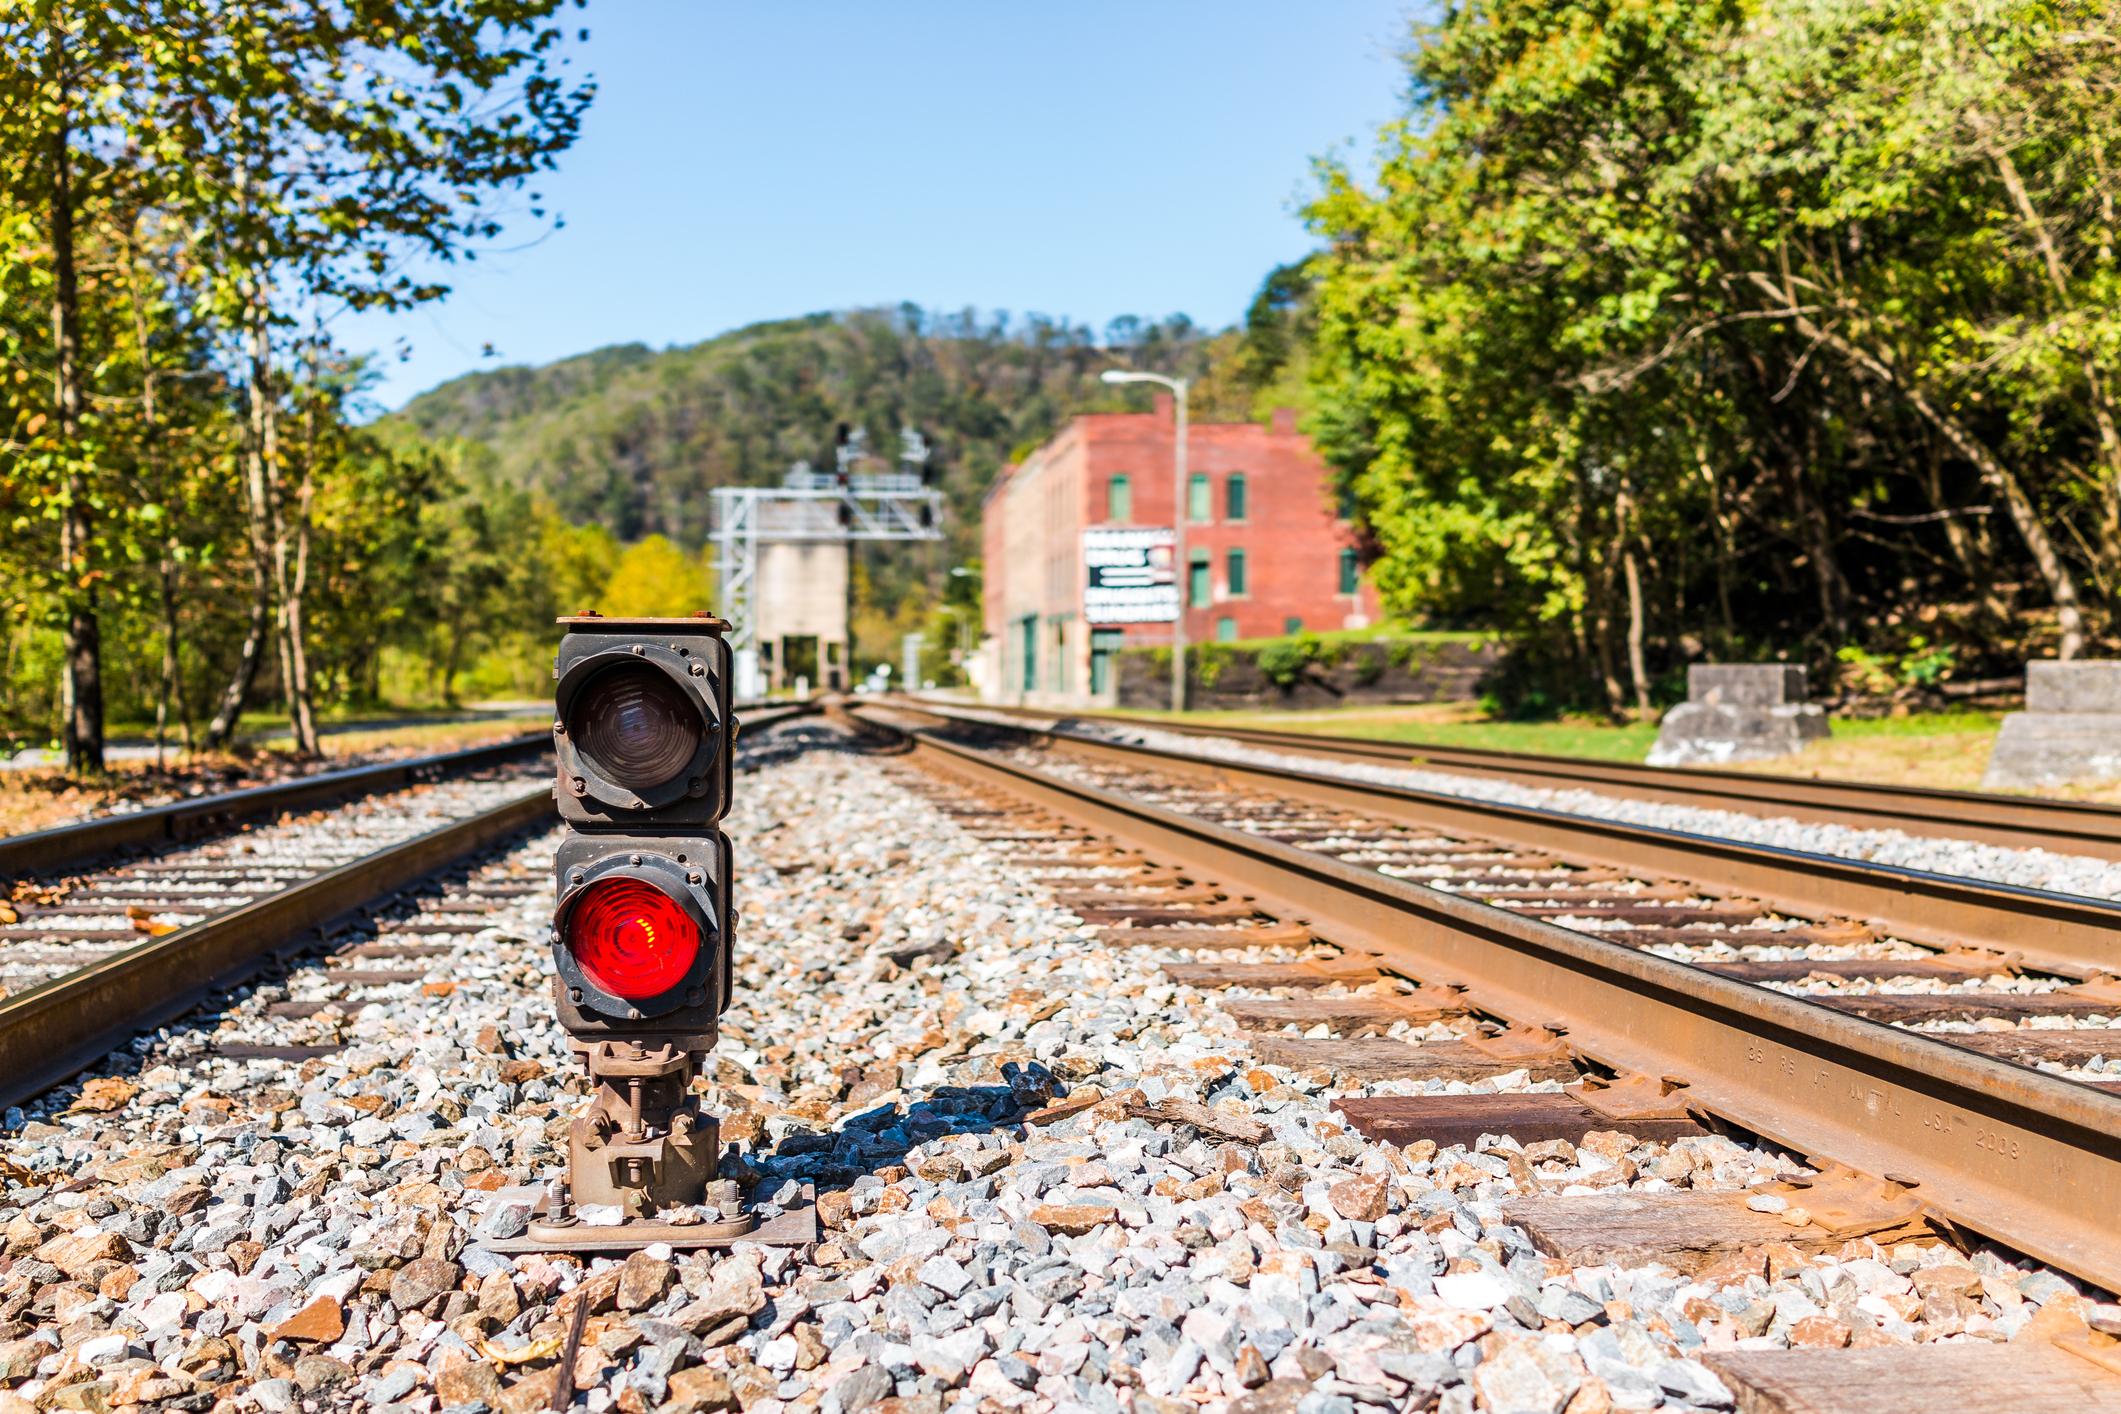 Търмънд, Западна Вирджиния - население 5 души. След упадъка на производството на въглища, привлекателността на града избледнява, като населението му достигне до пет от 2010 г.